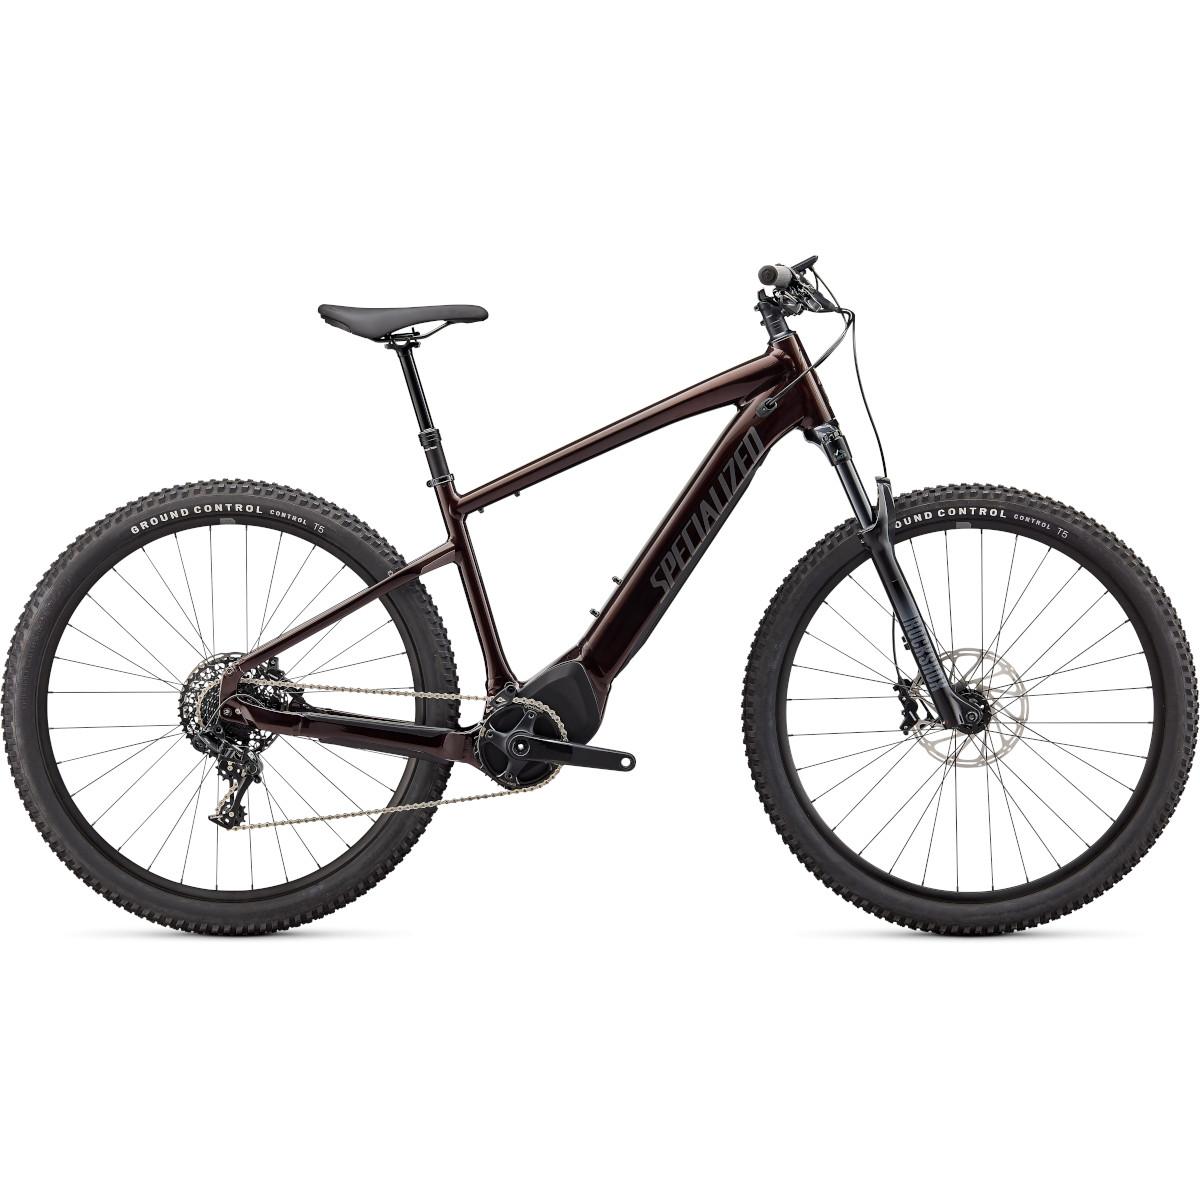 Produktbild von Specialized TURBO TERO 5.0 - MTB E-Bike - 2022 - red onyx / smoke